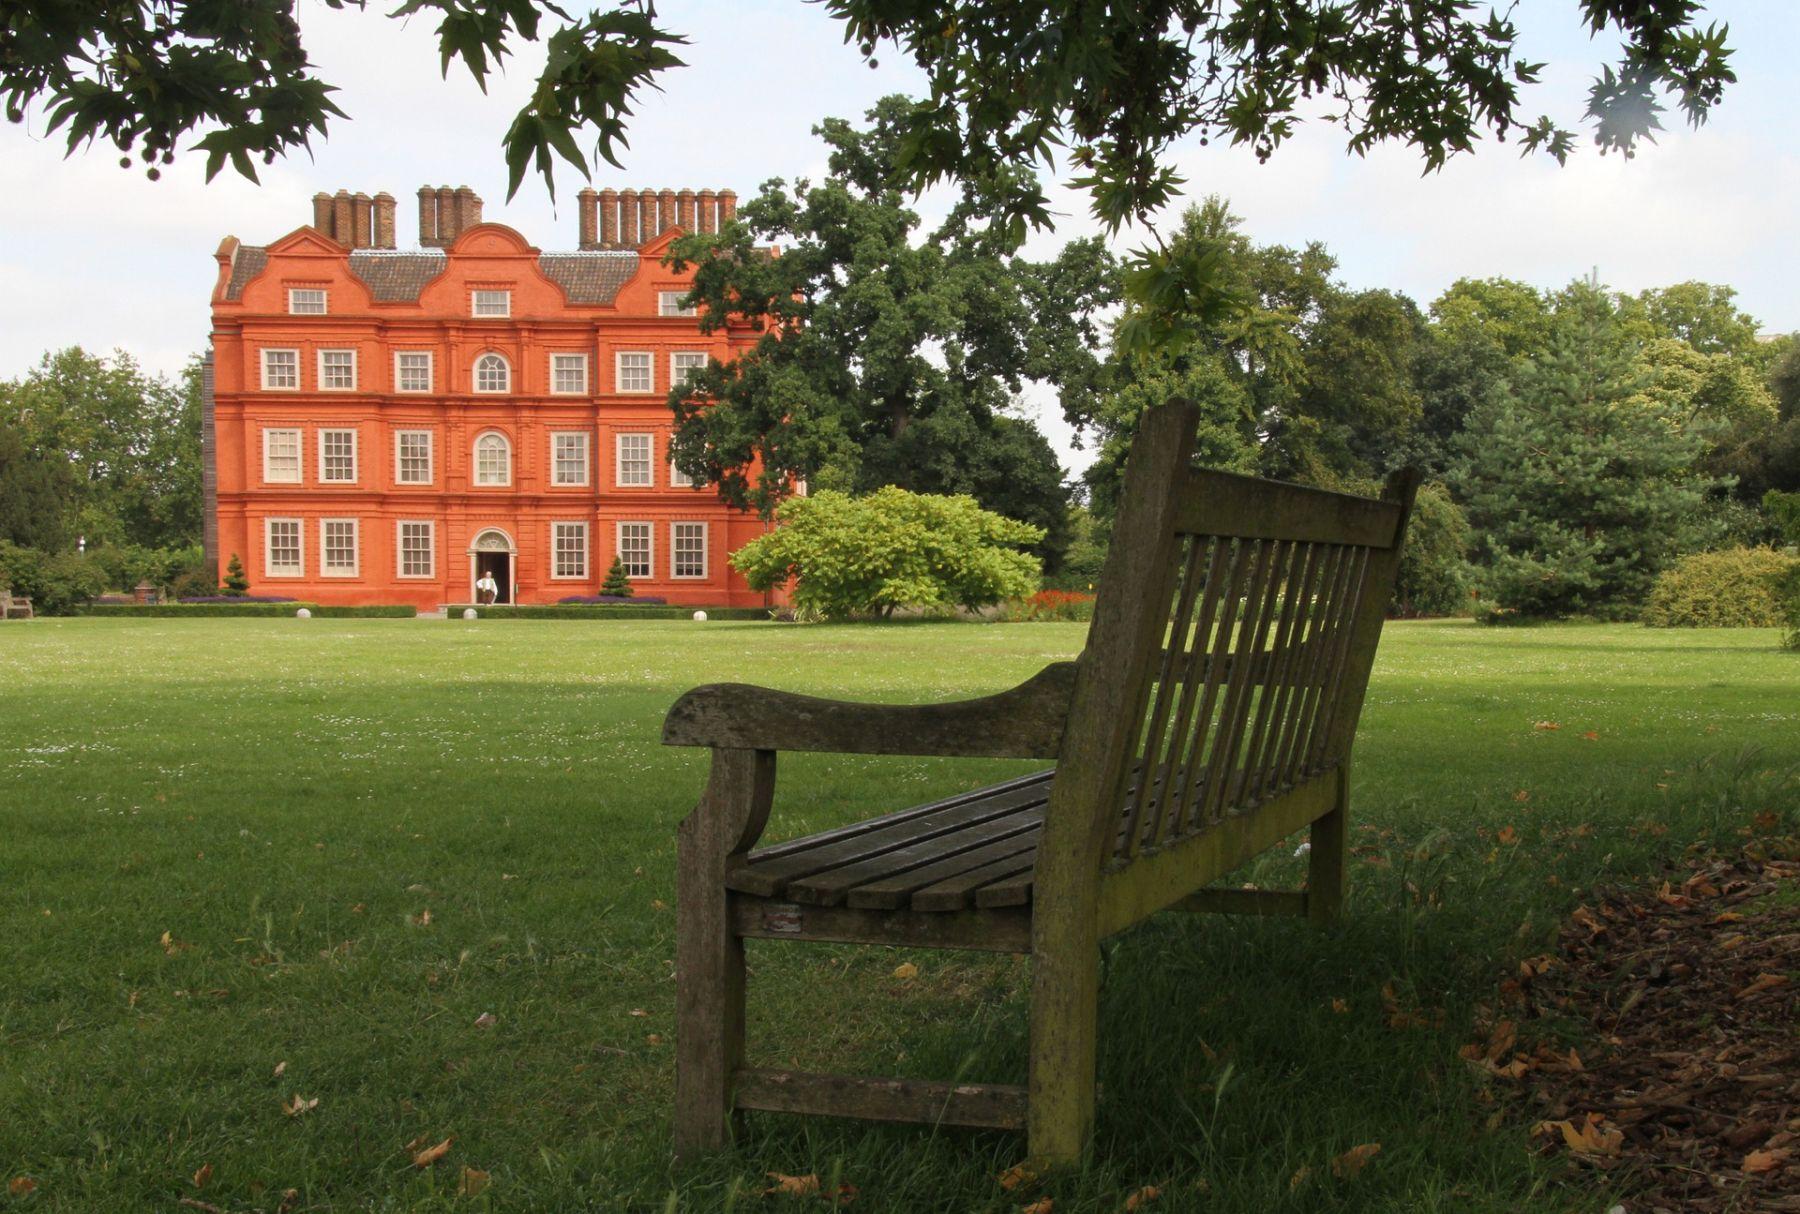 Kew garden Londen